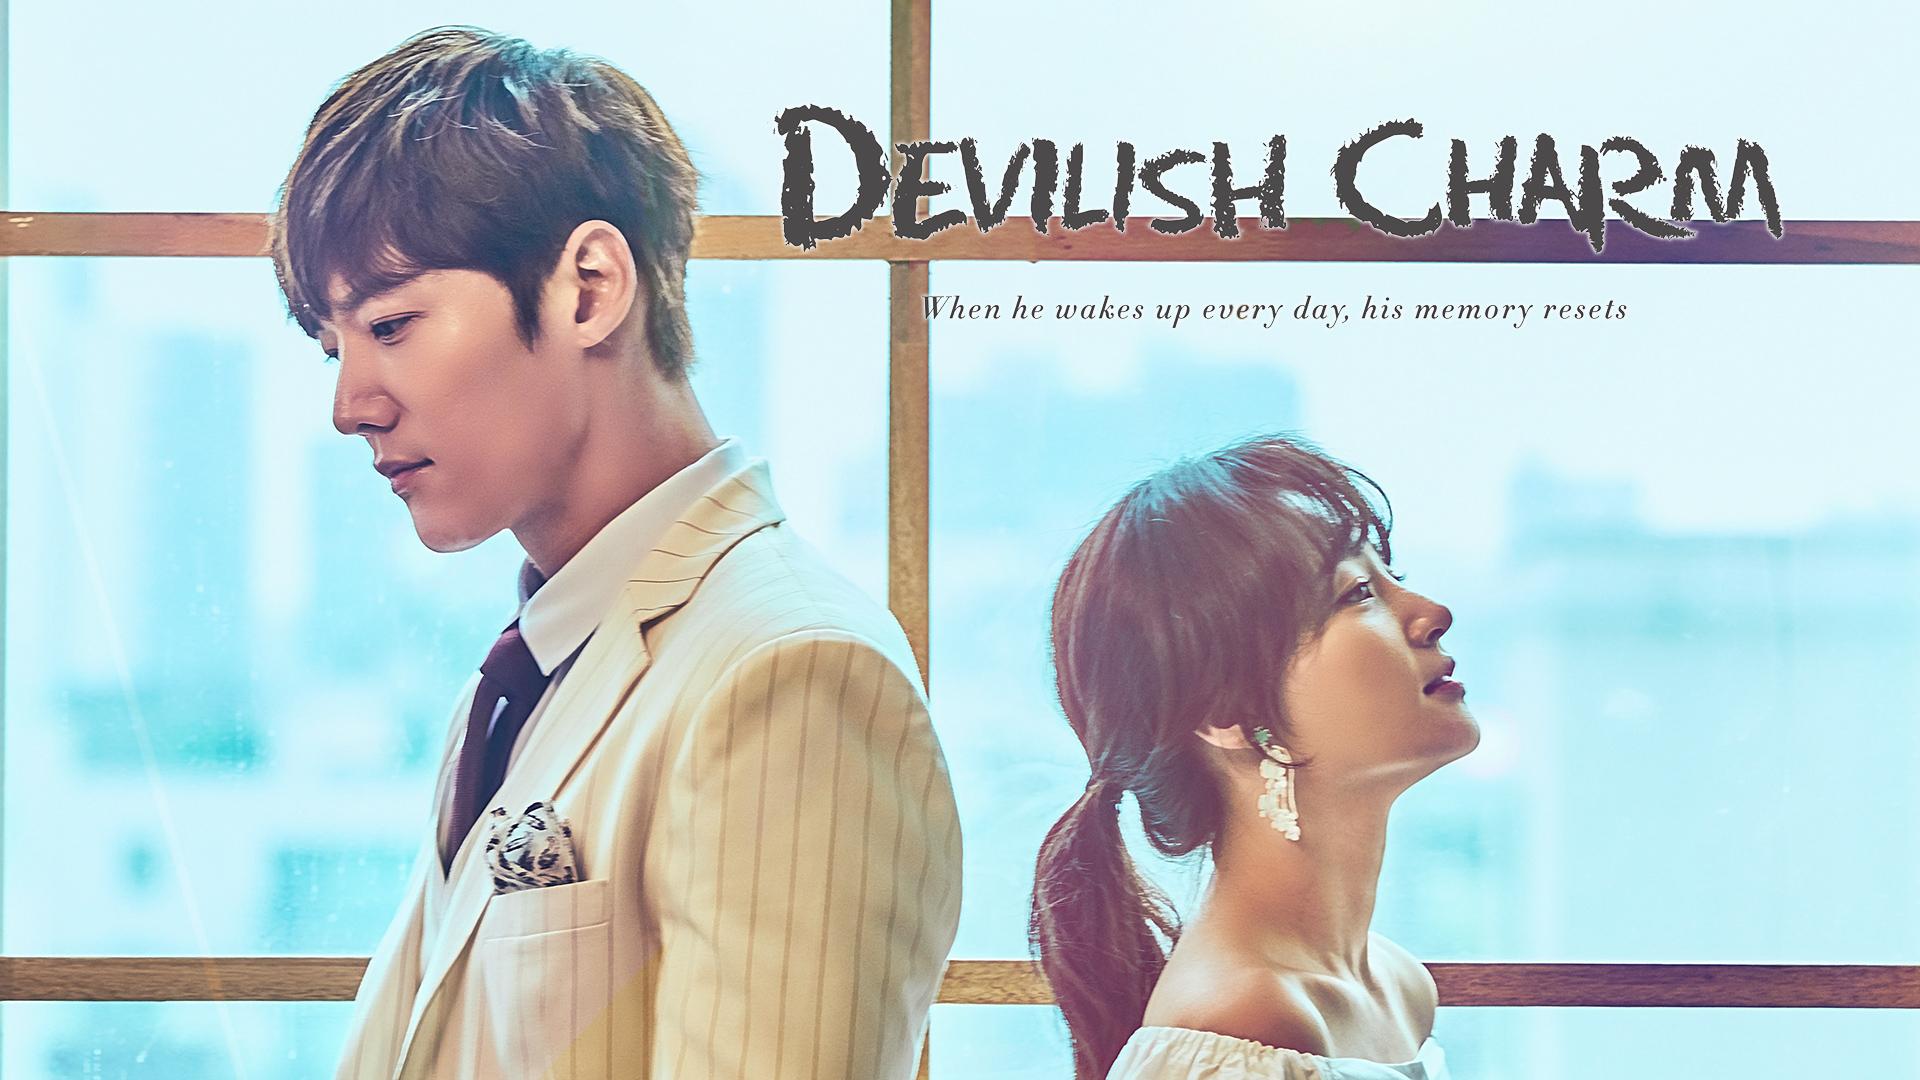 DEVILISH CHARM